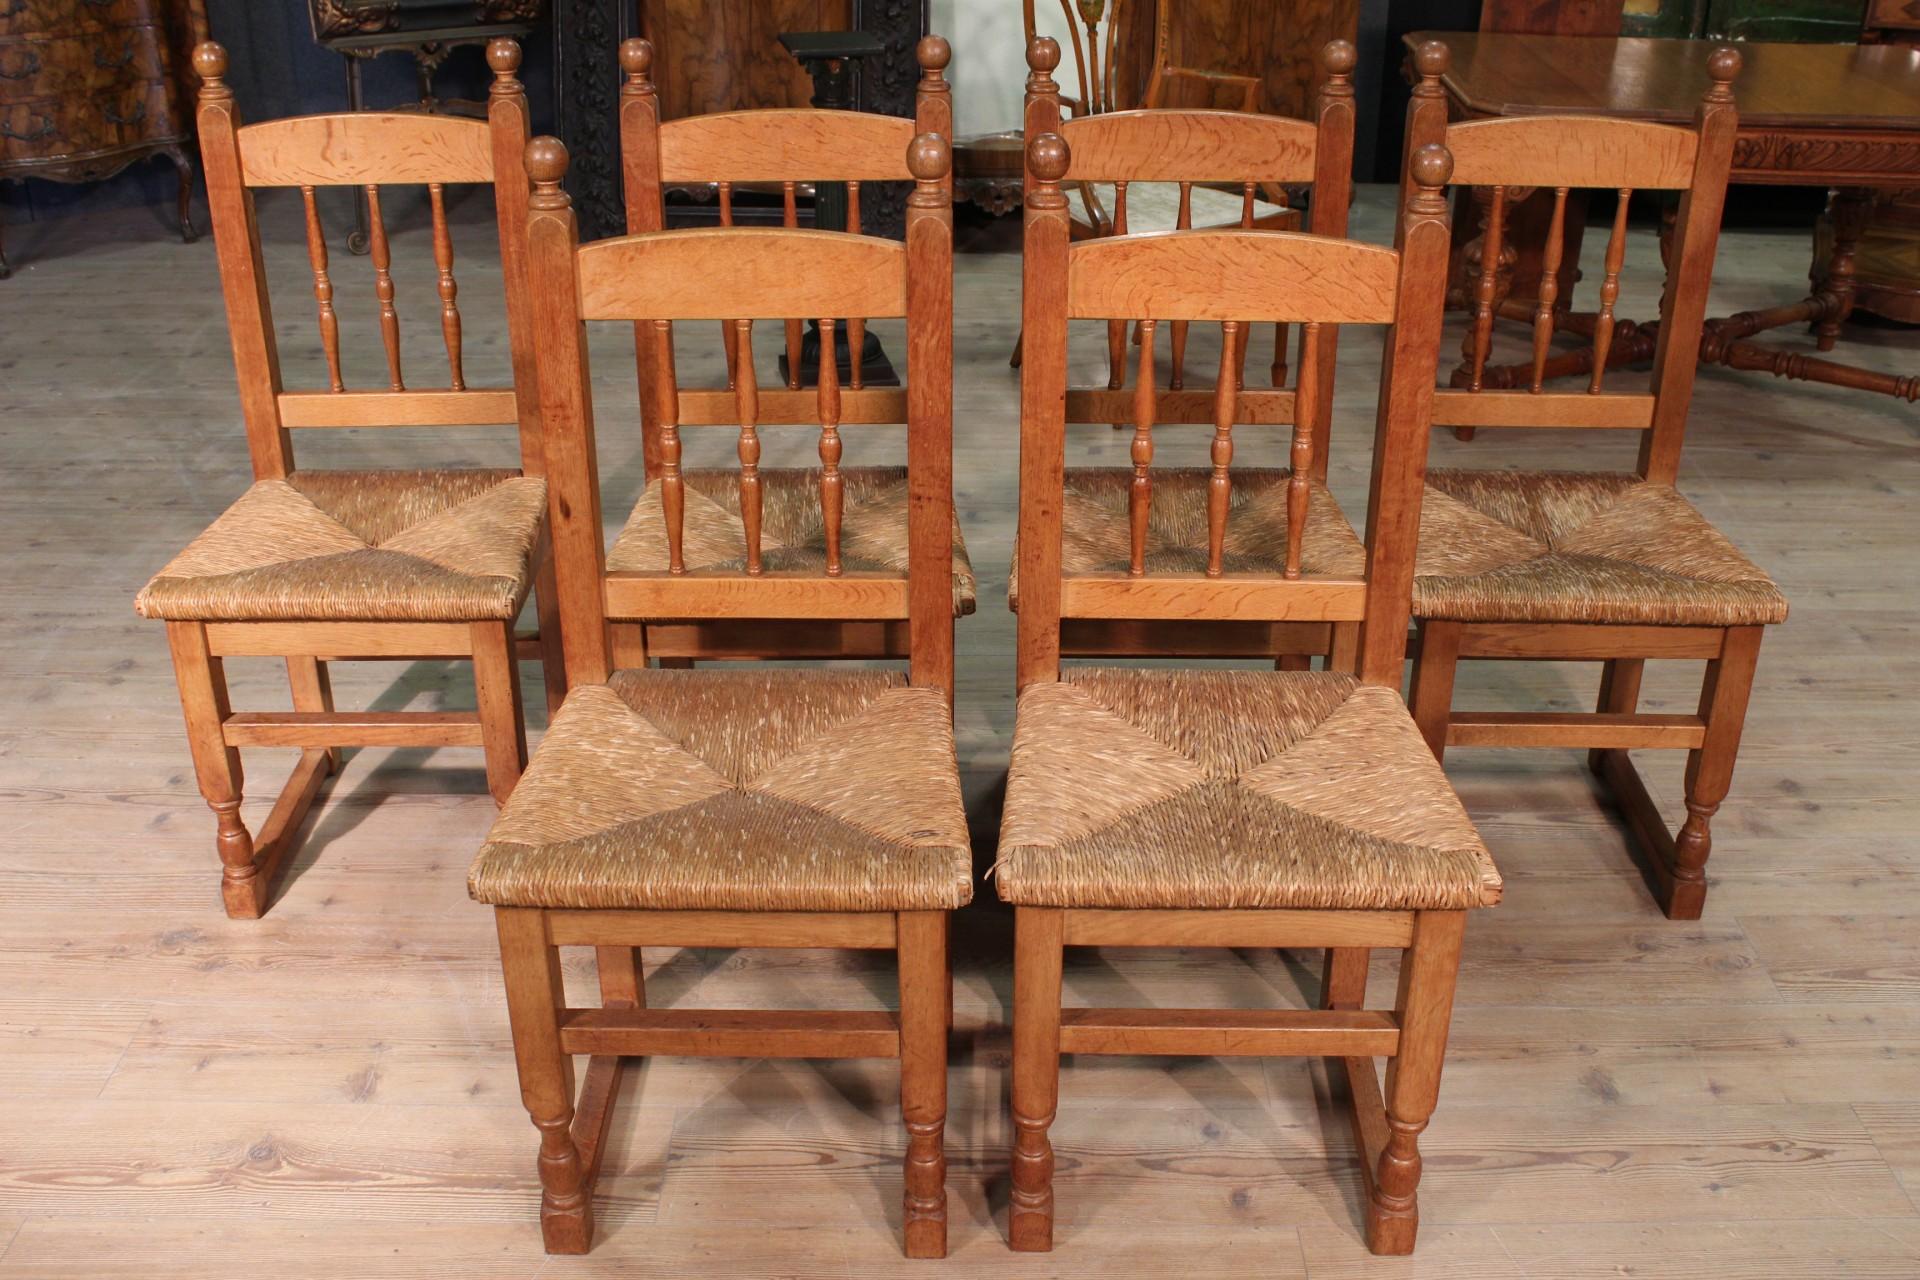 gruppe 6 stuhl rustikal sitzungen holz eichenholz stroh. Black Bedroom Furniture Sets. Home Design Ideas